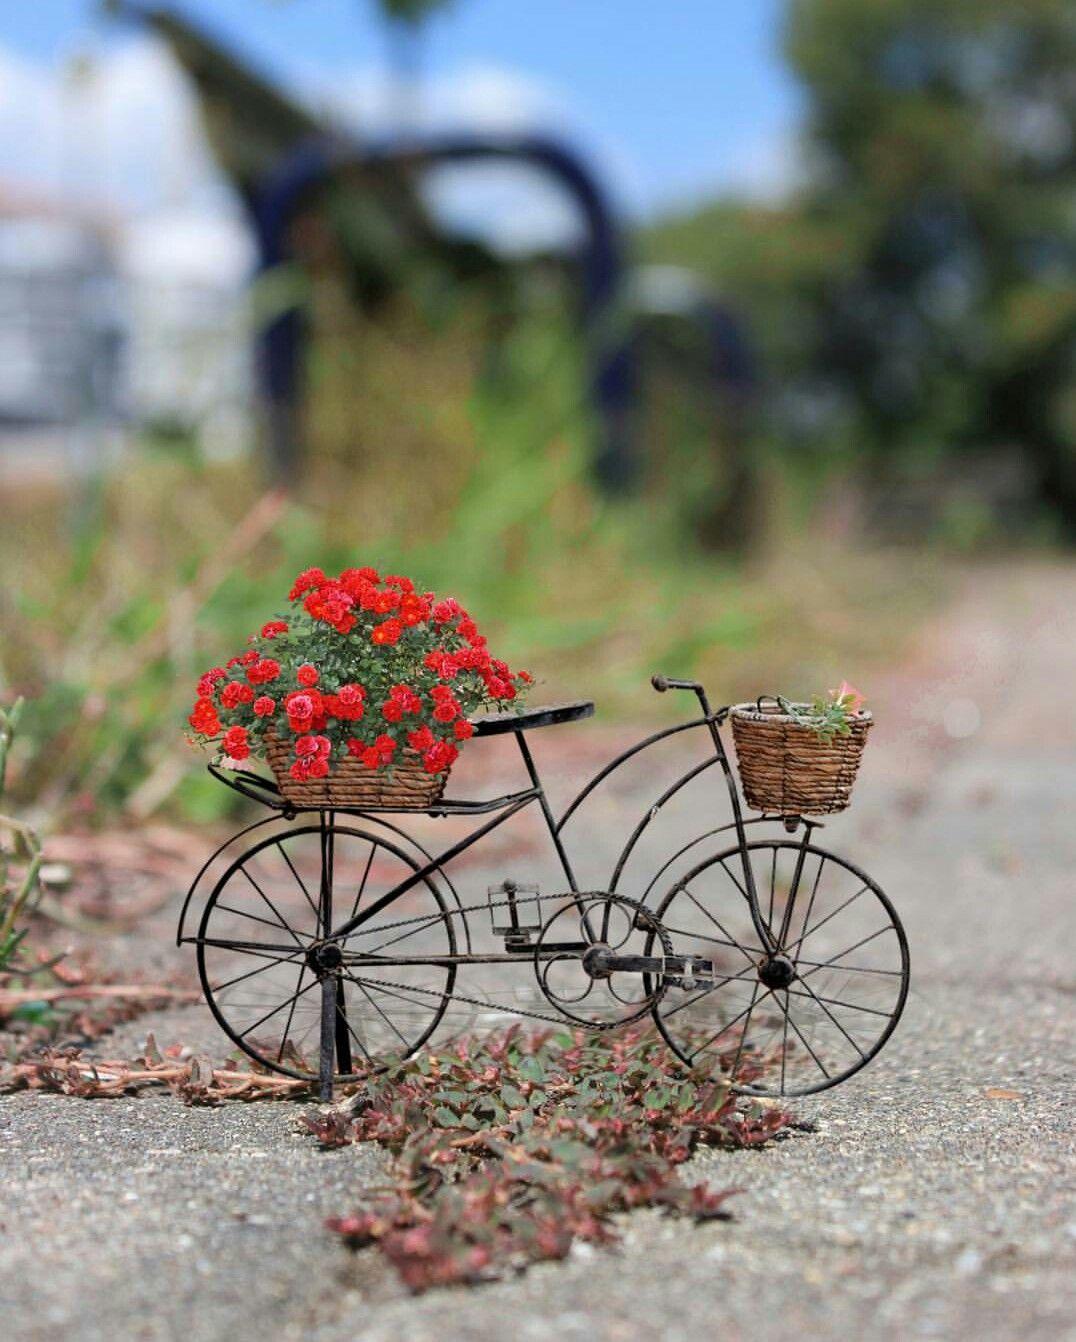 Pin By Seyma Emiroglu On Bloom Miniature Photography Miniature